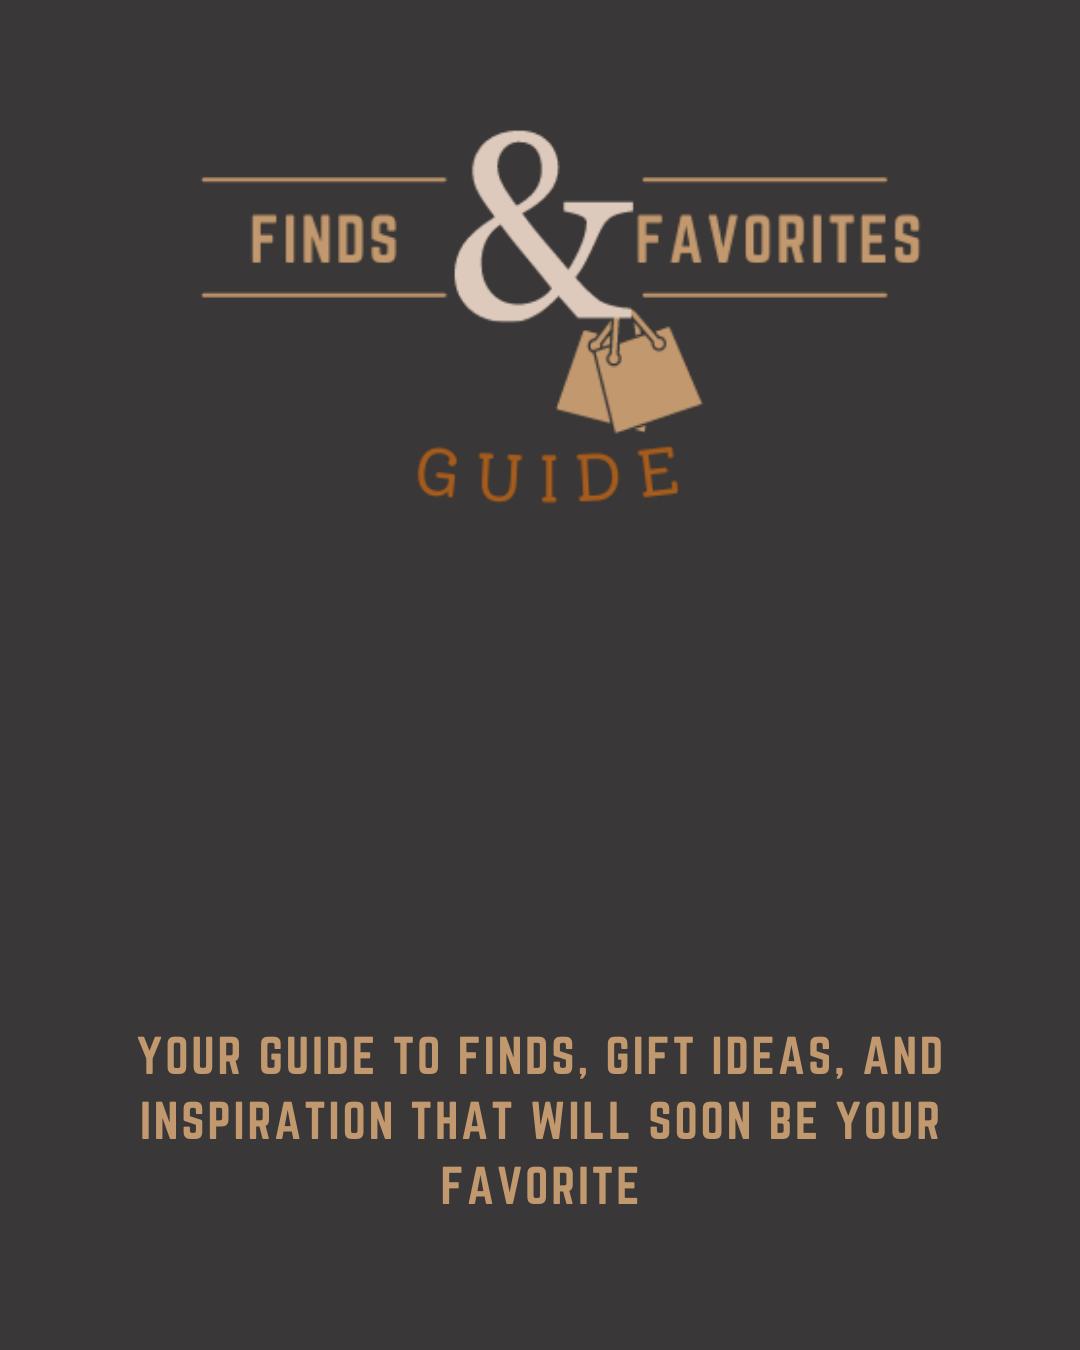 Finds & Favorites Guide